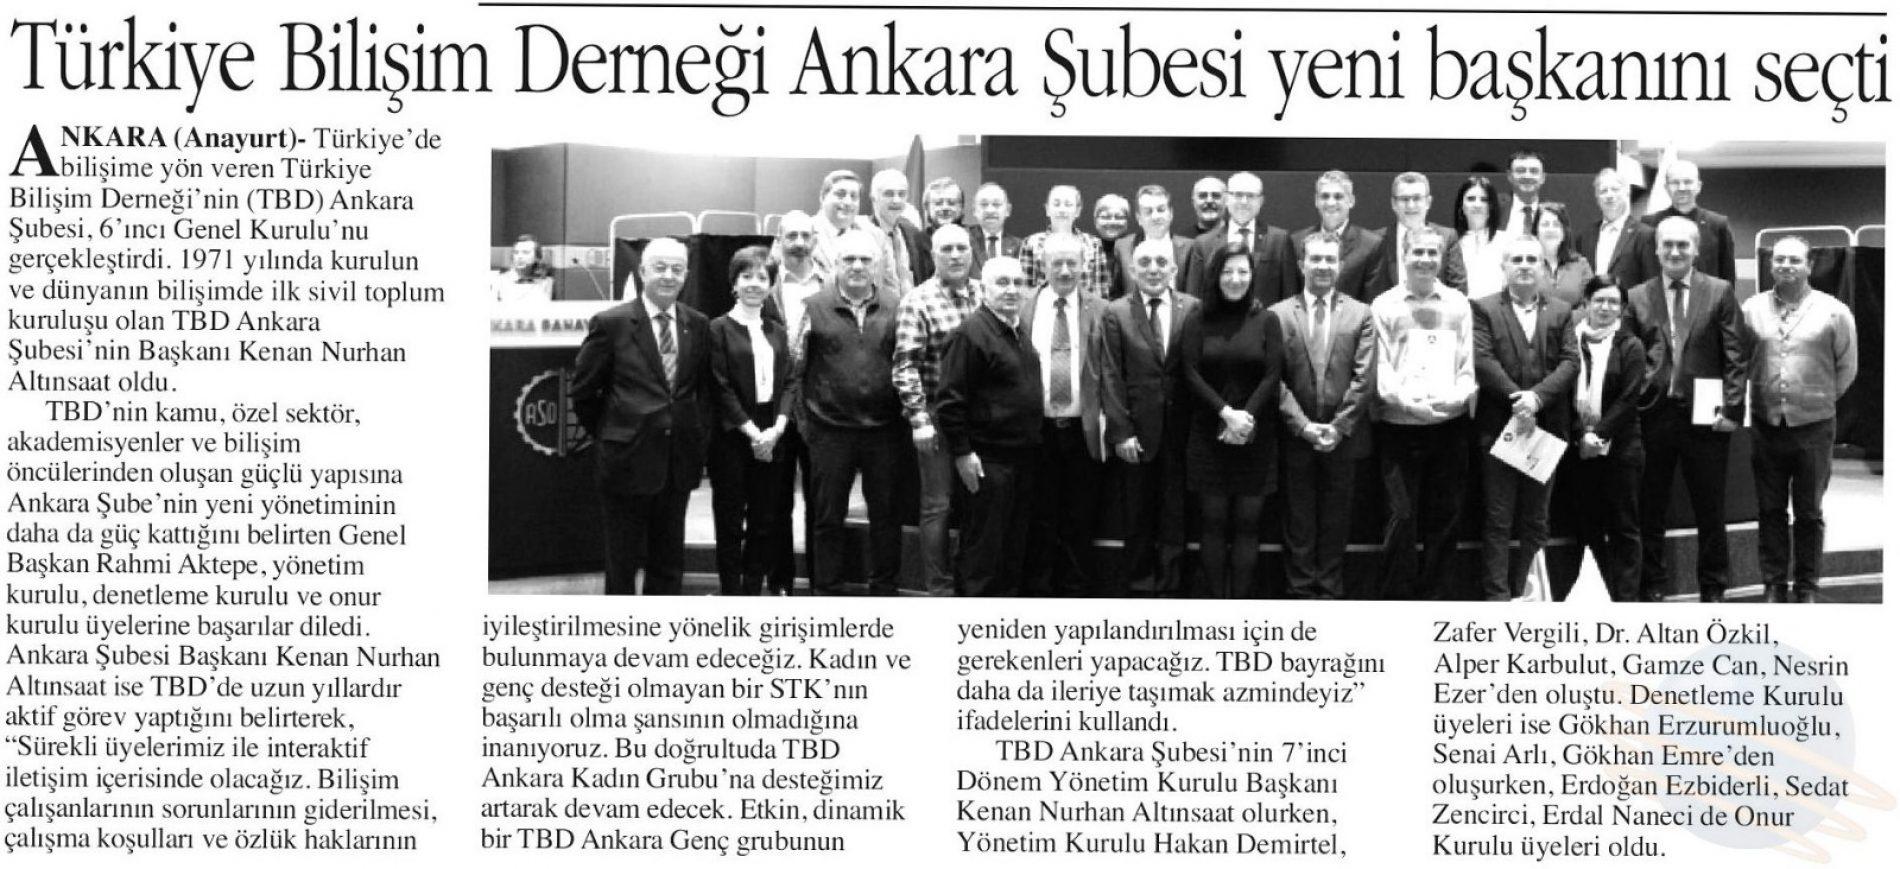 TBD Ankara Şubesi 6. Olağan Genel Kurul Basın Yansımaları